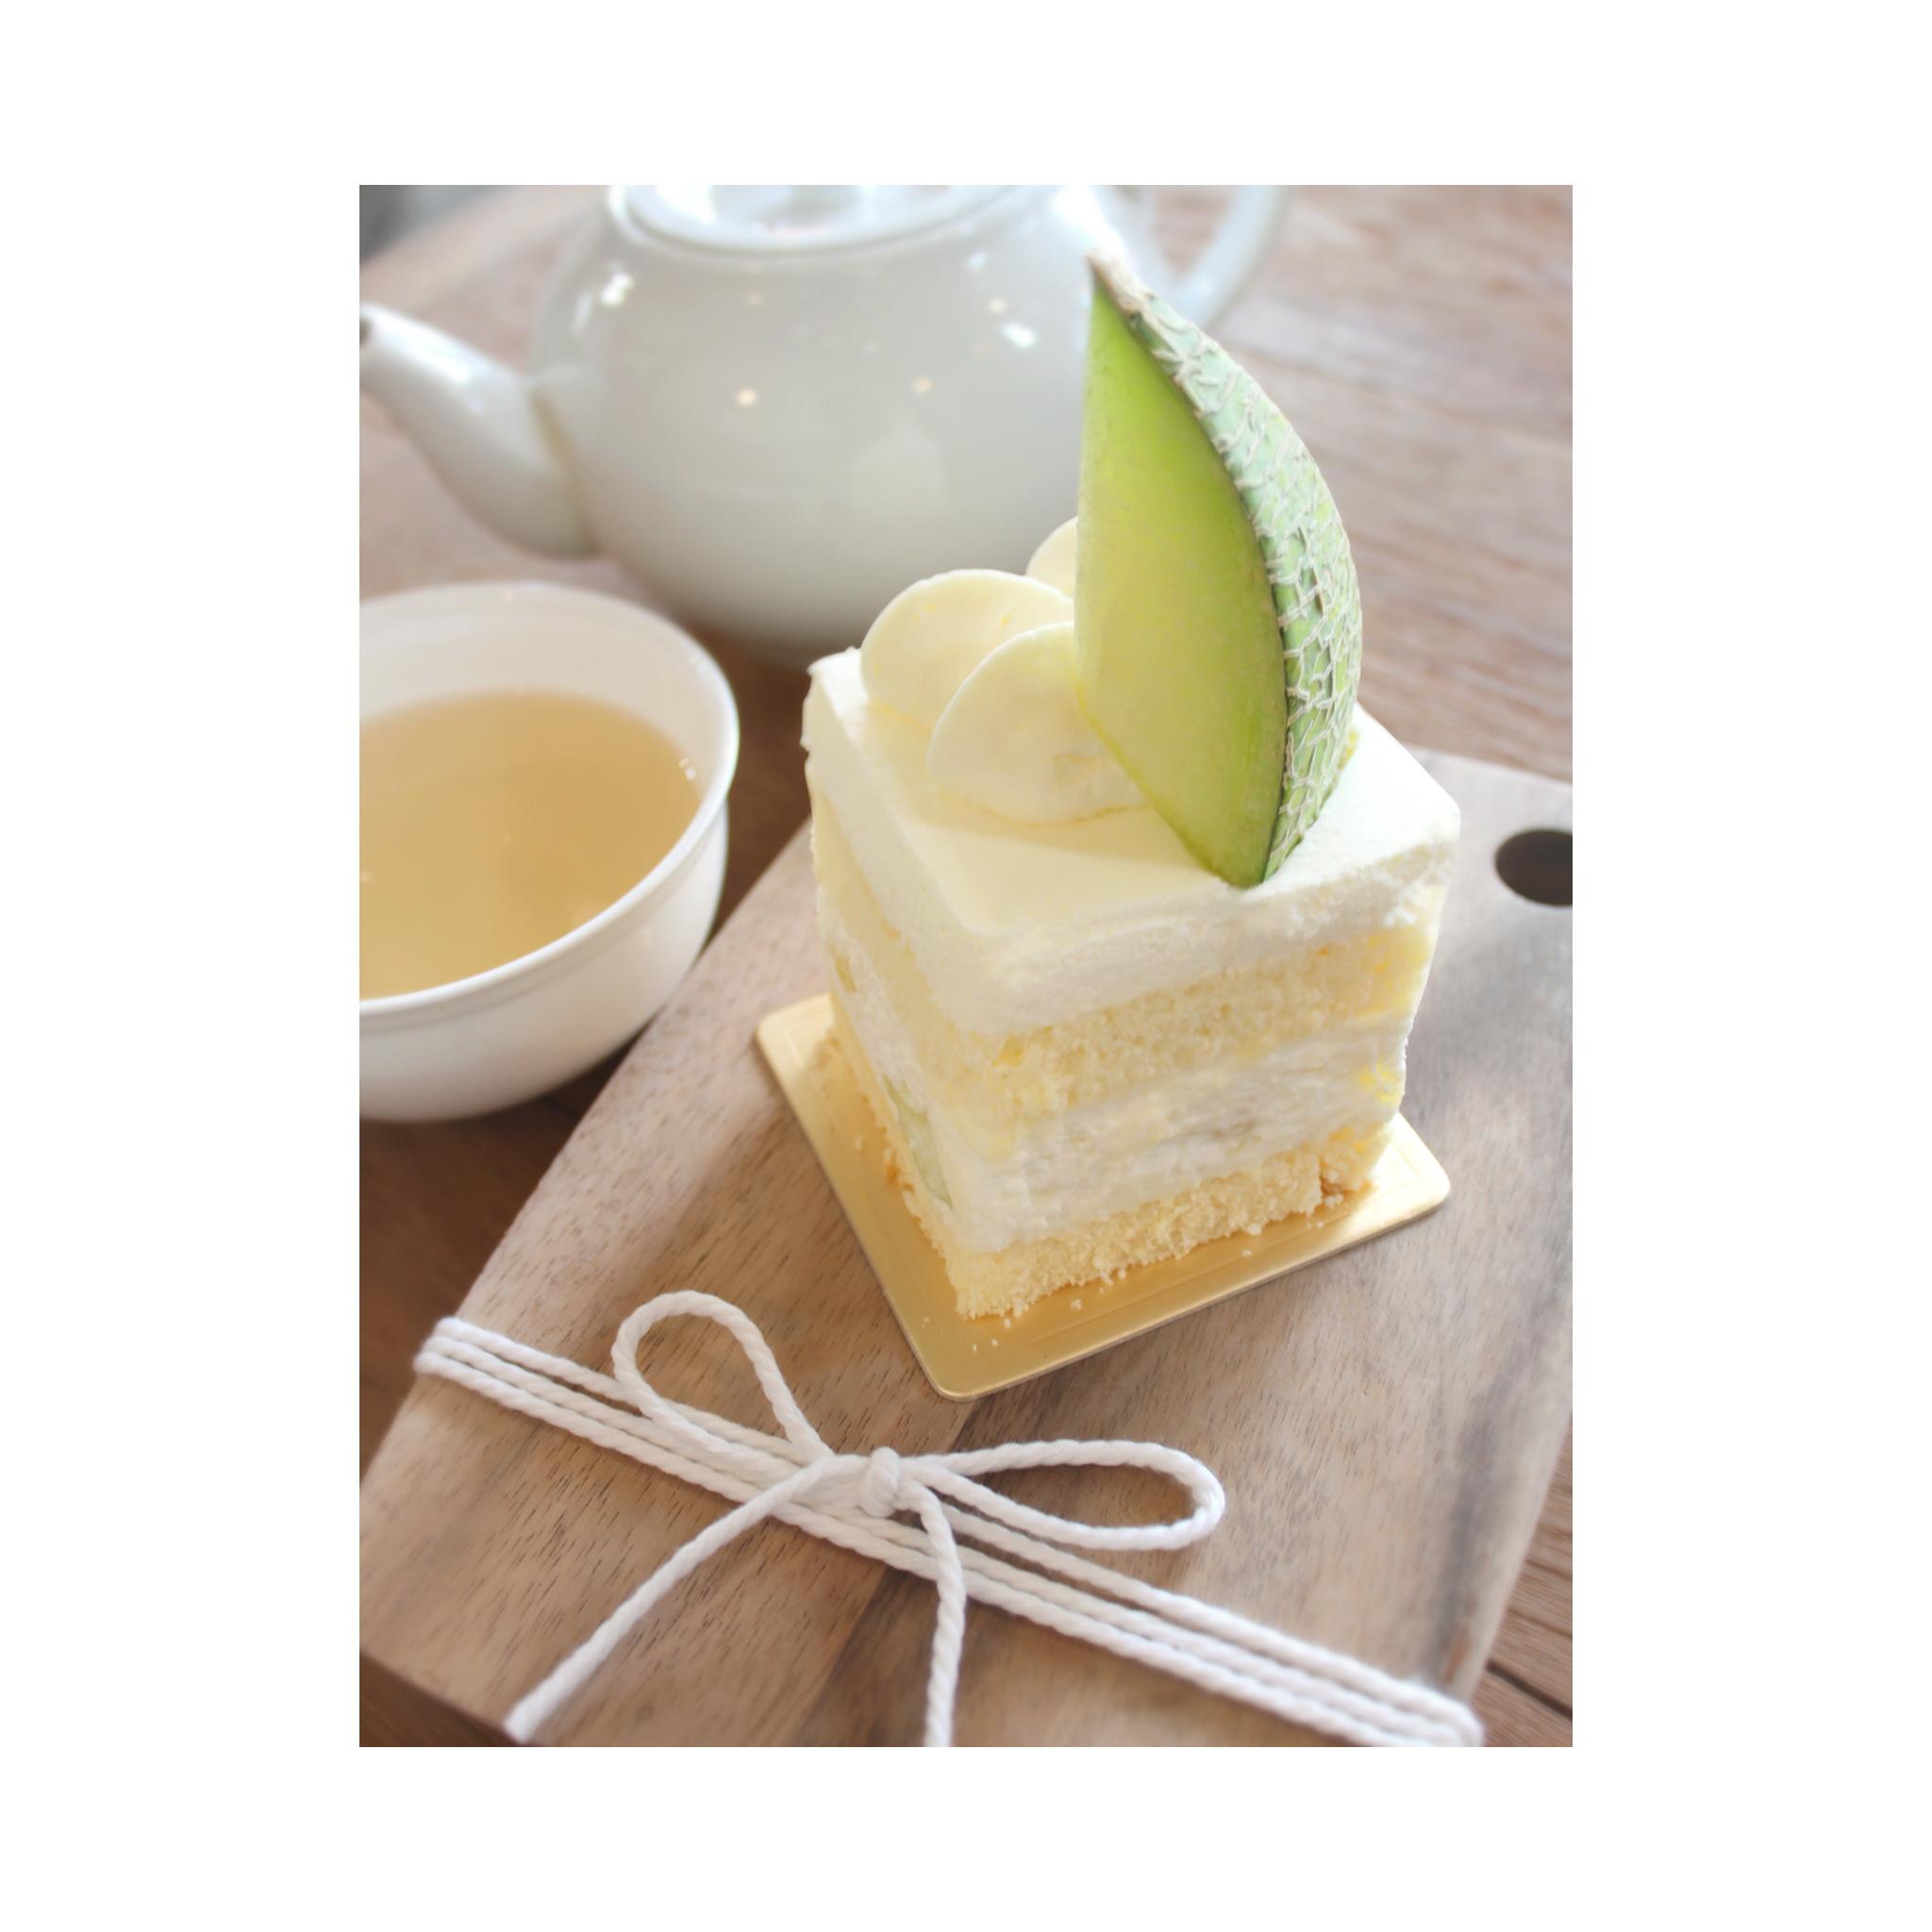 Japanese melon short cake